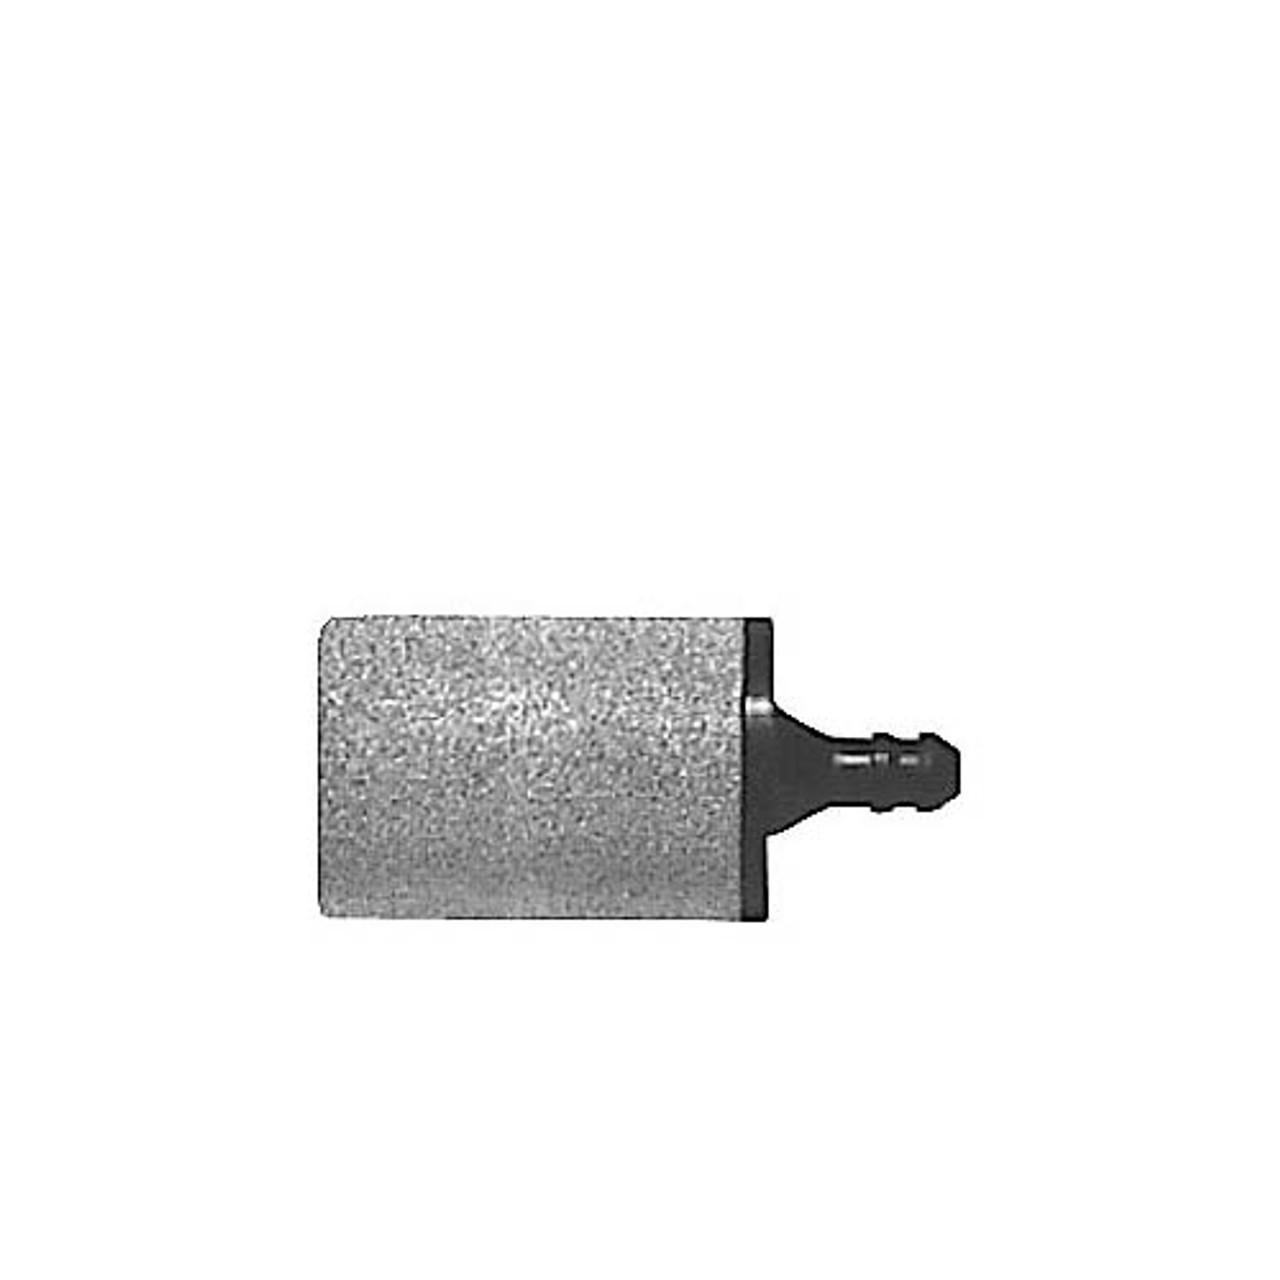 OREGON 07-213 - FUEL FILTER 3/16IN HUSQVARNA - Product Number 07-213 OREGON